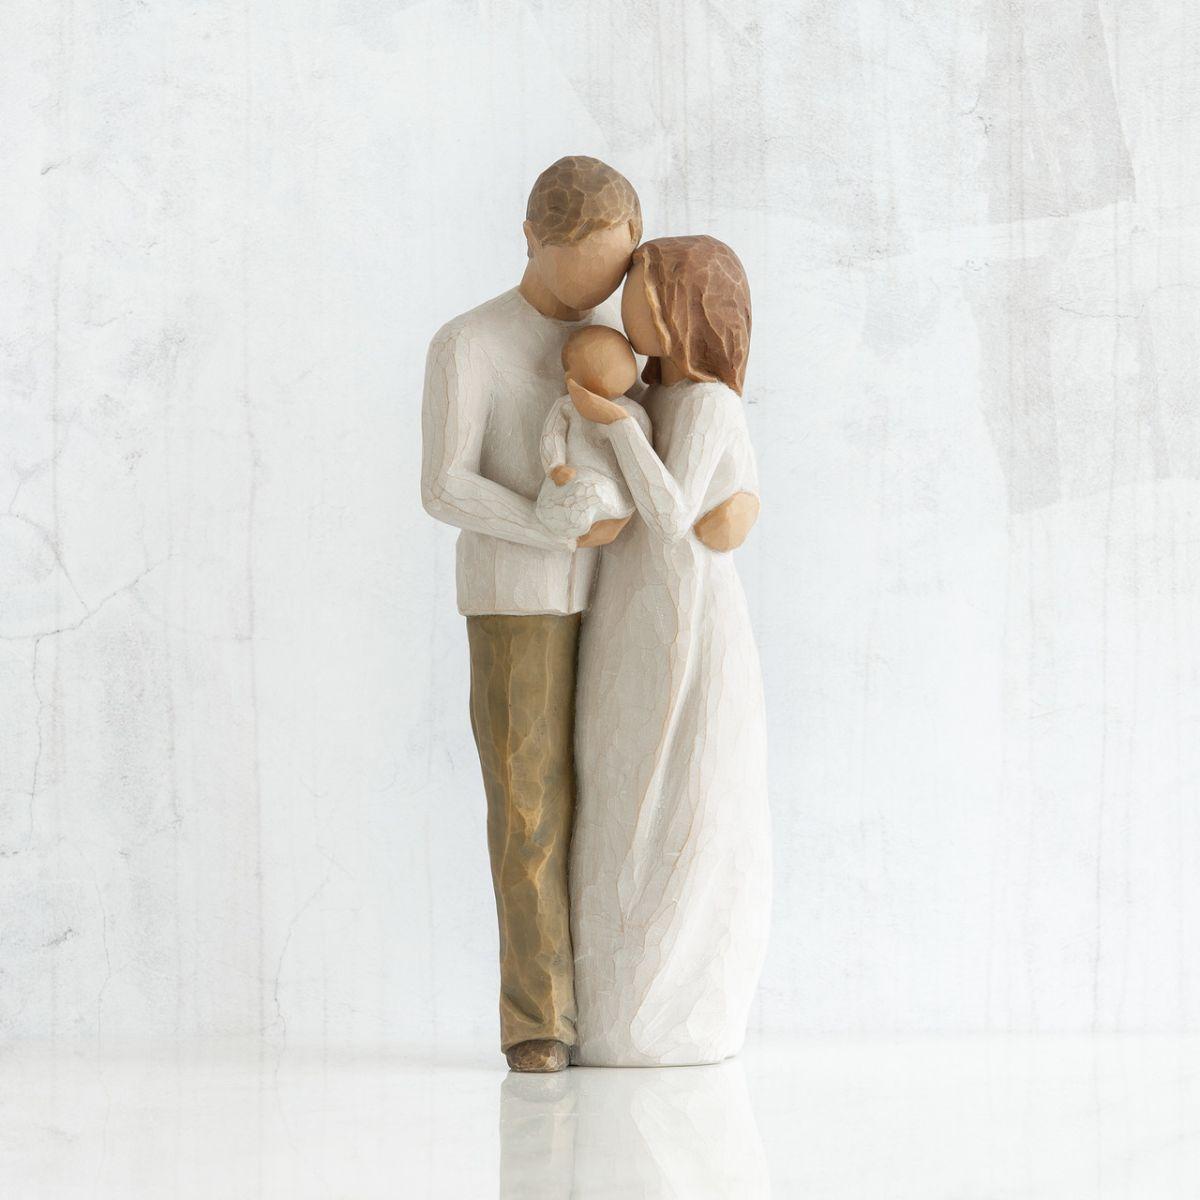 ウィローツリー彫像 【Our Gift】 - 私たちの宝物